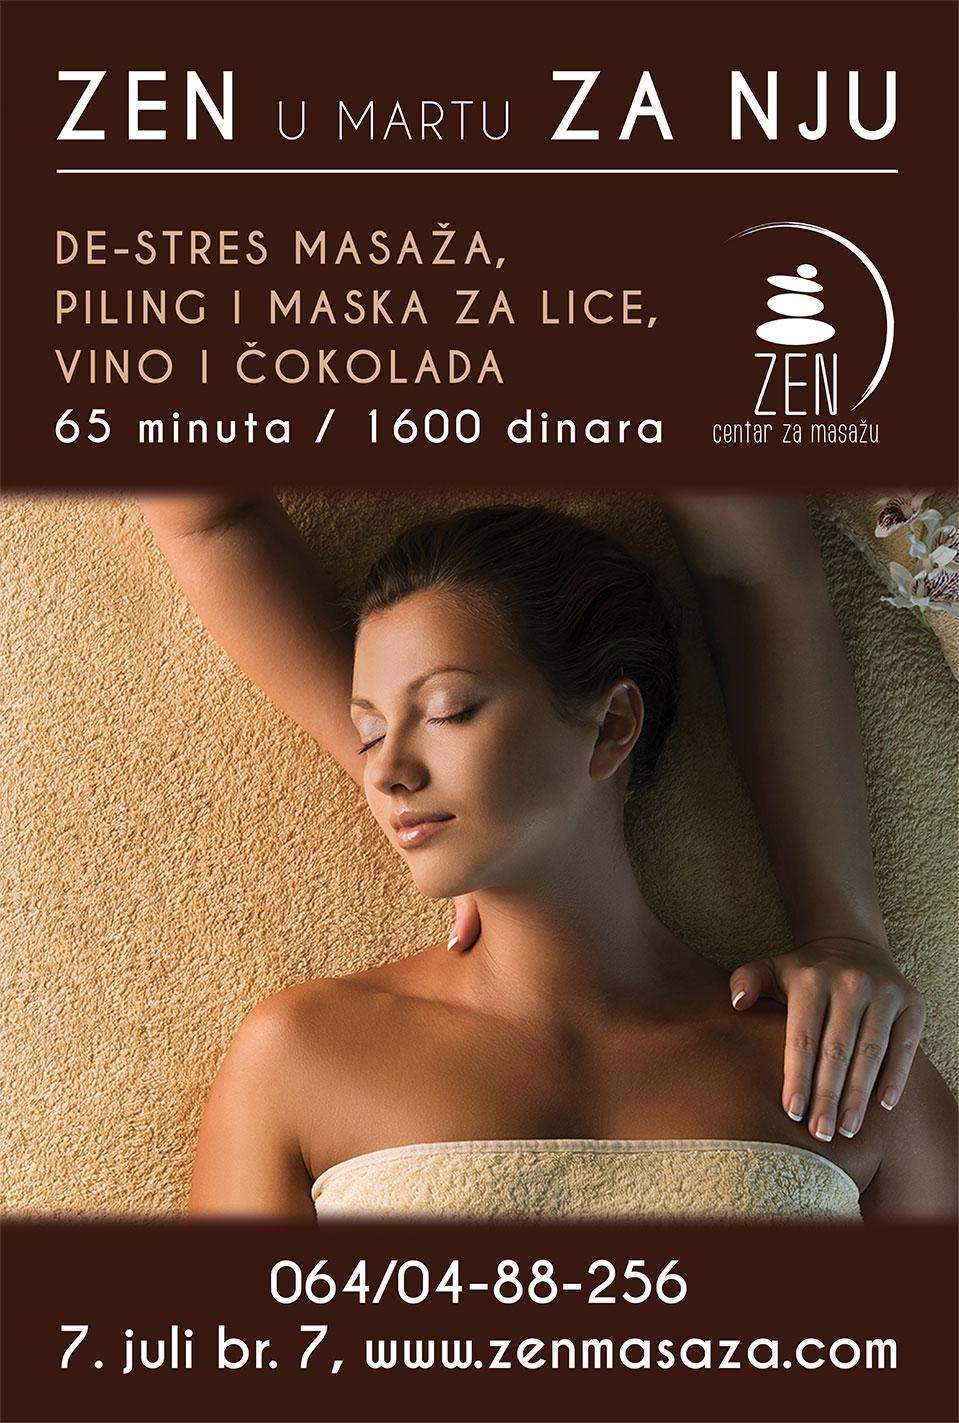 zen poster 1